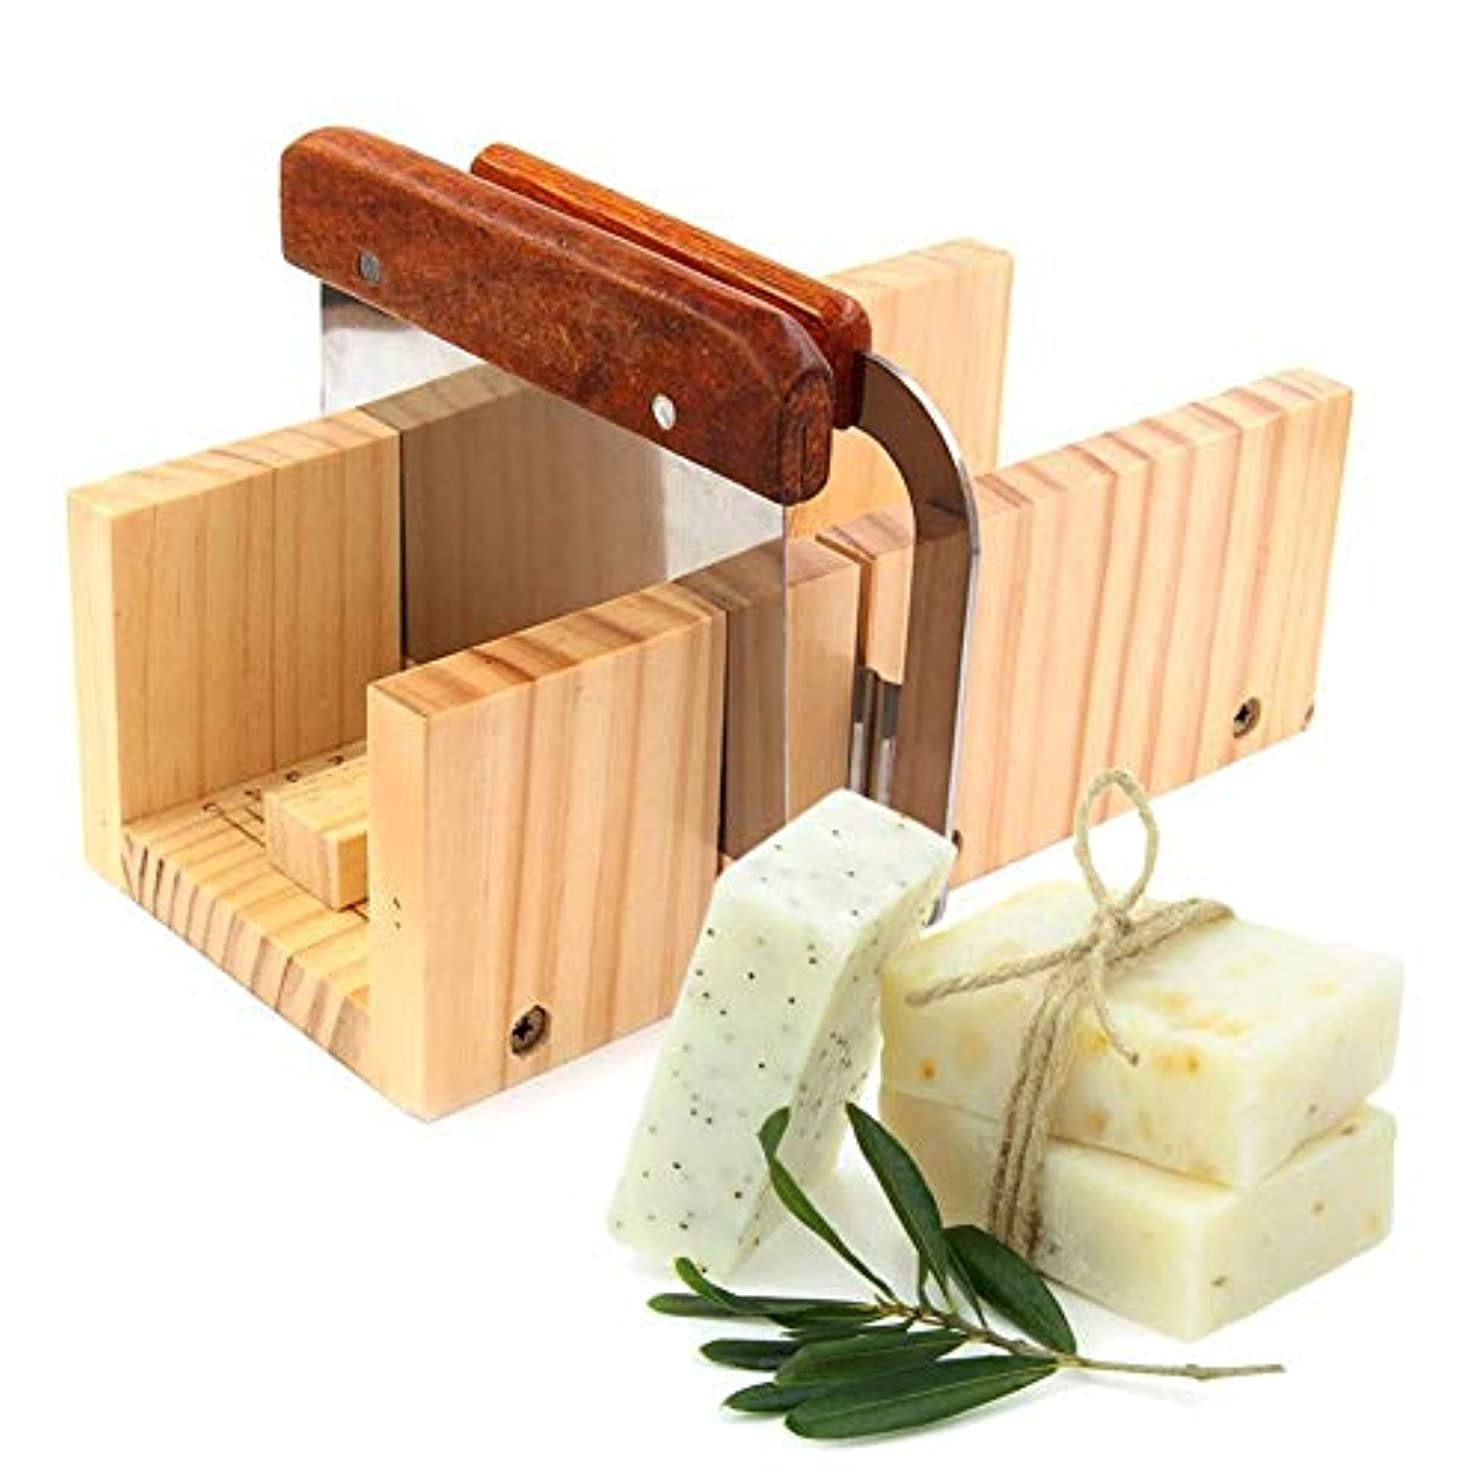 困惑変位思い出させるソープモールド、調整可能、木製、ハンドメイド、石鹸、モールドアクセサリー、ストレートプレーナー付き